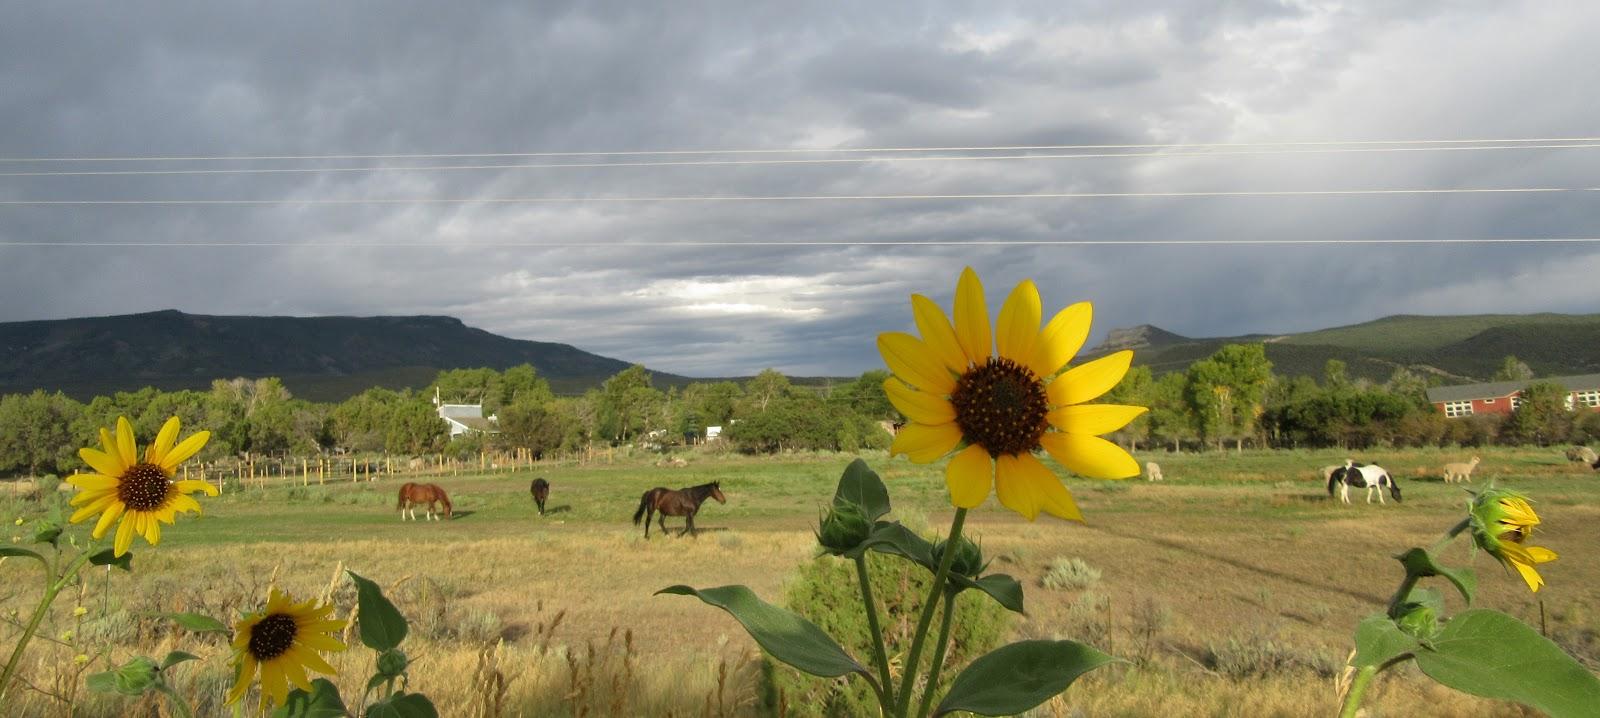 Cycling Grand Mesa North - daisy flower, horses, gray skies